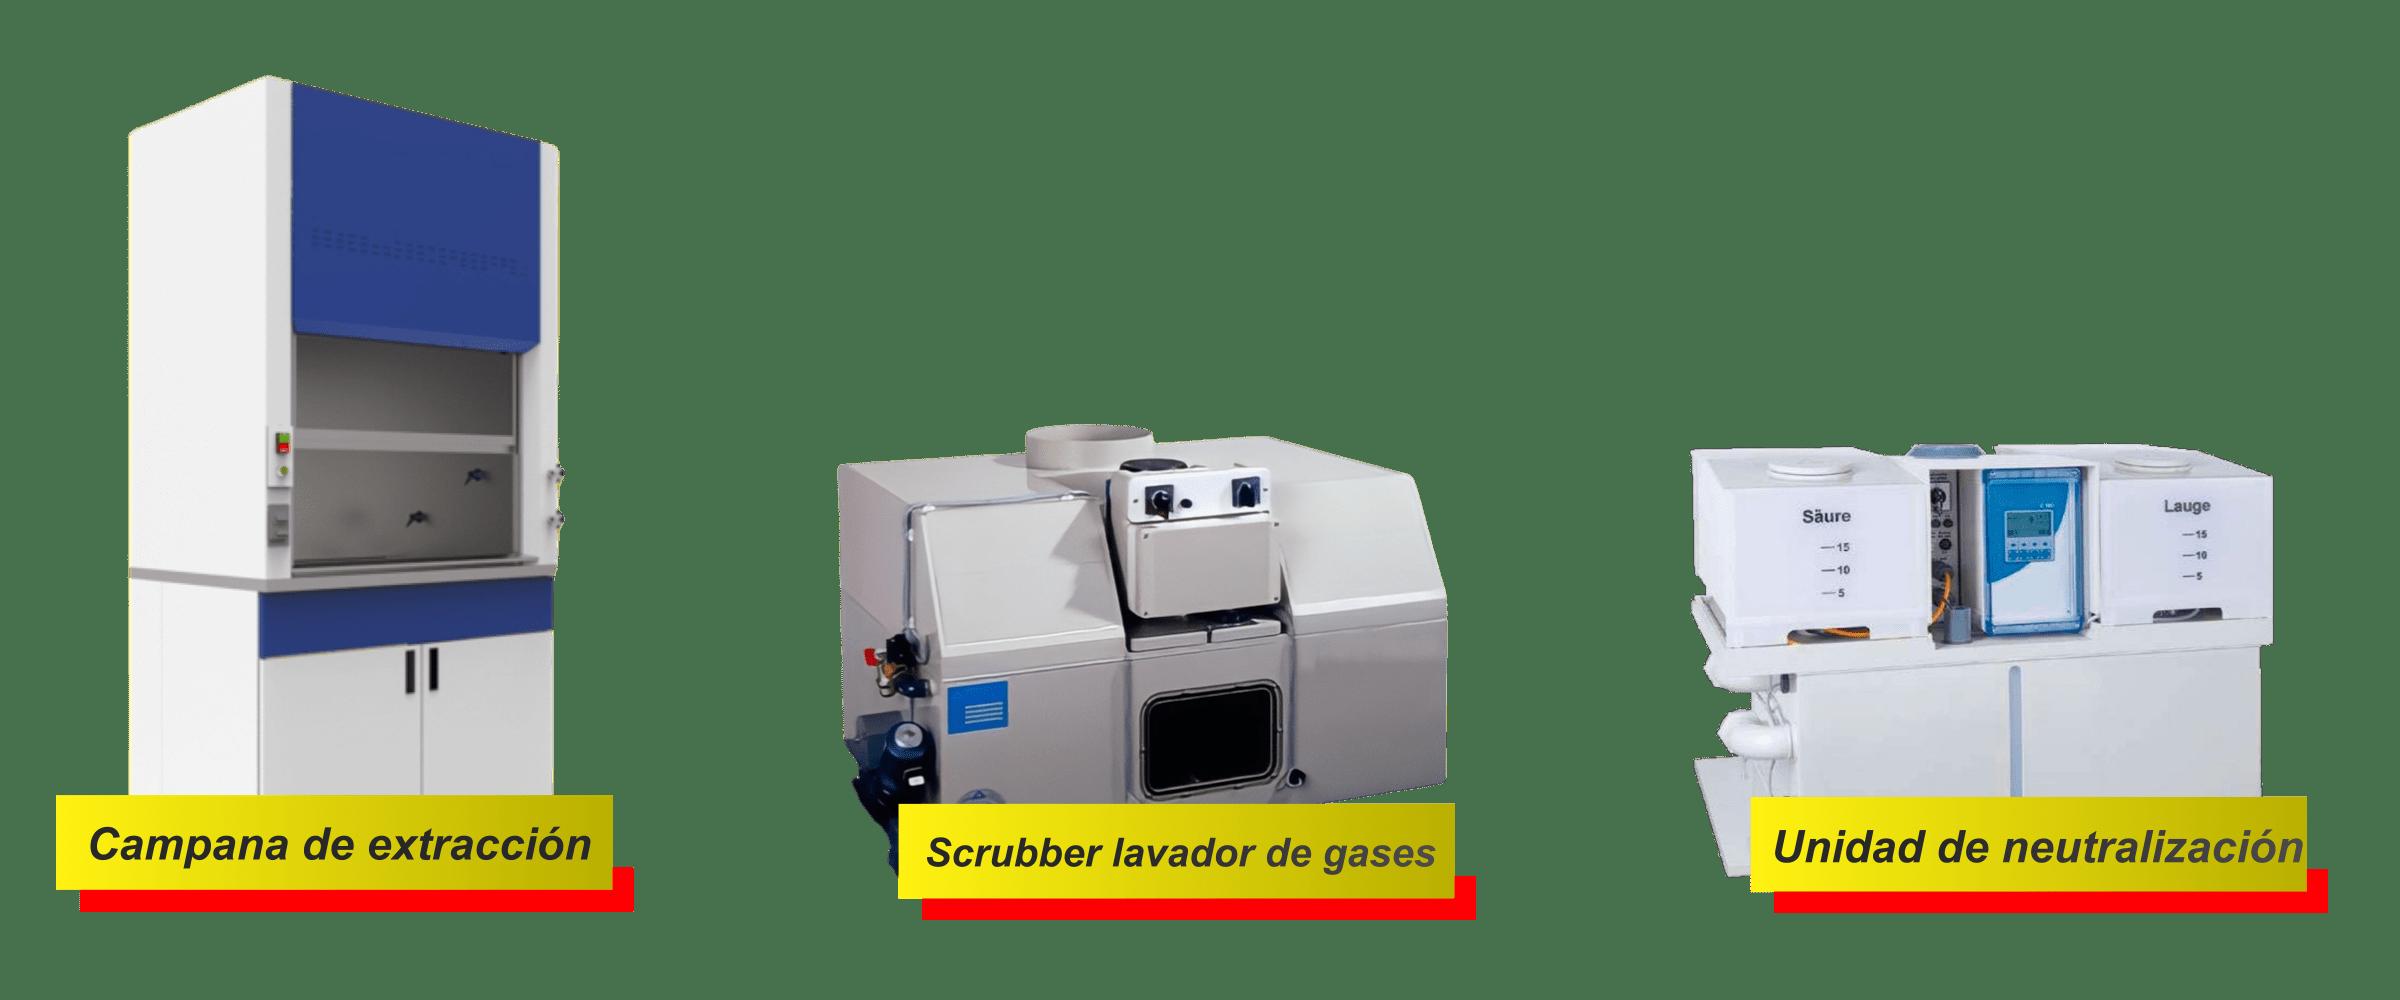 campana de extracción scrubber neutralización